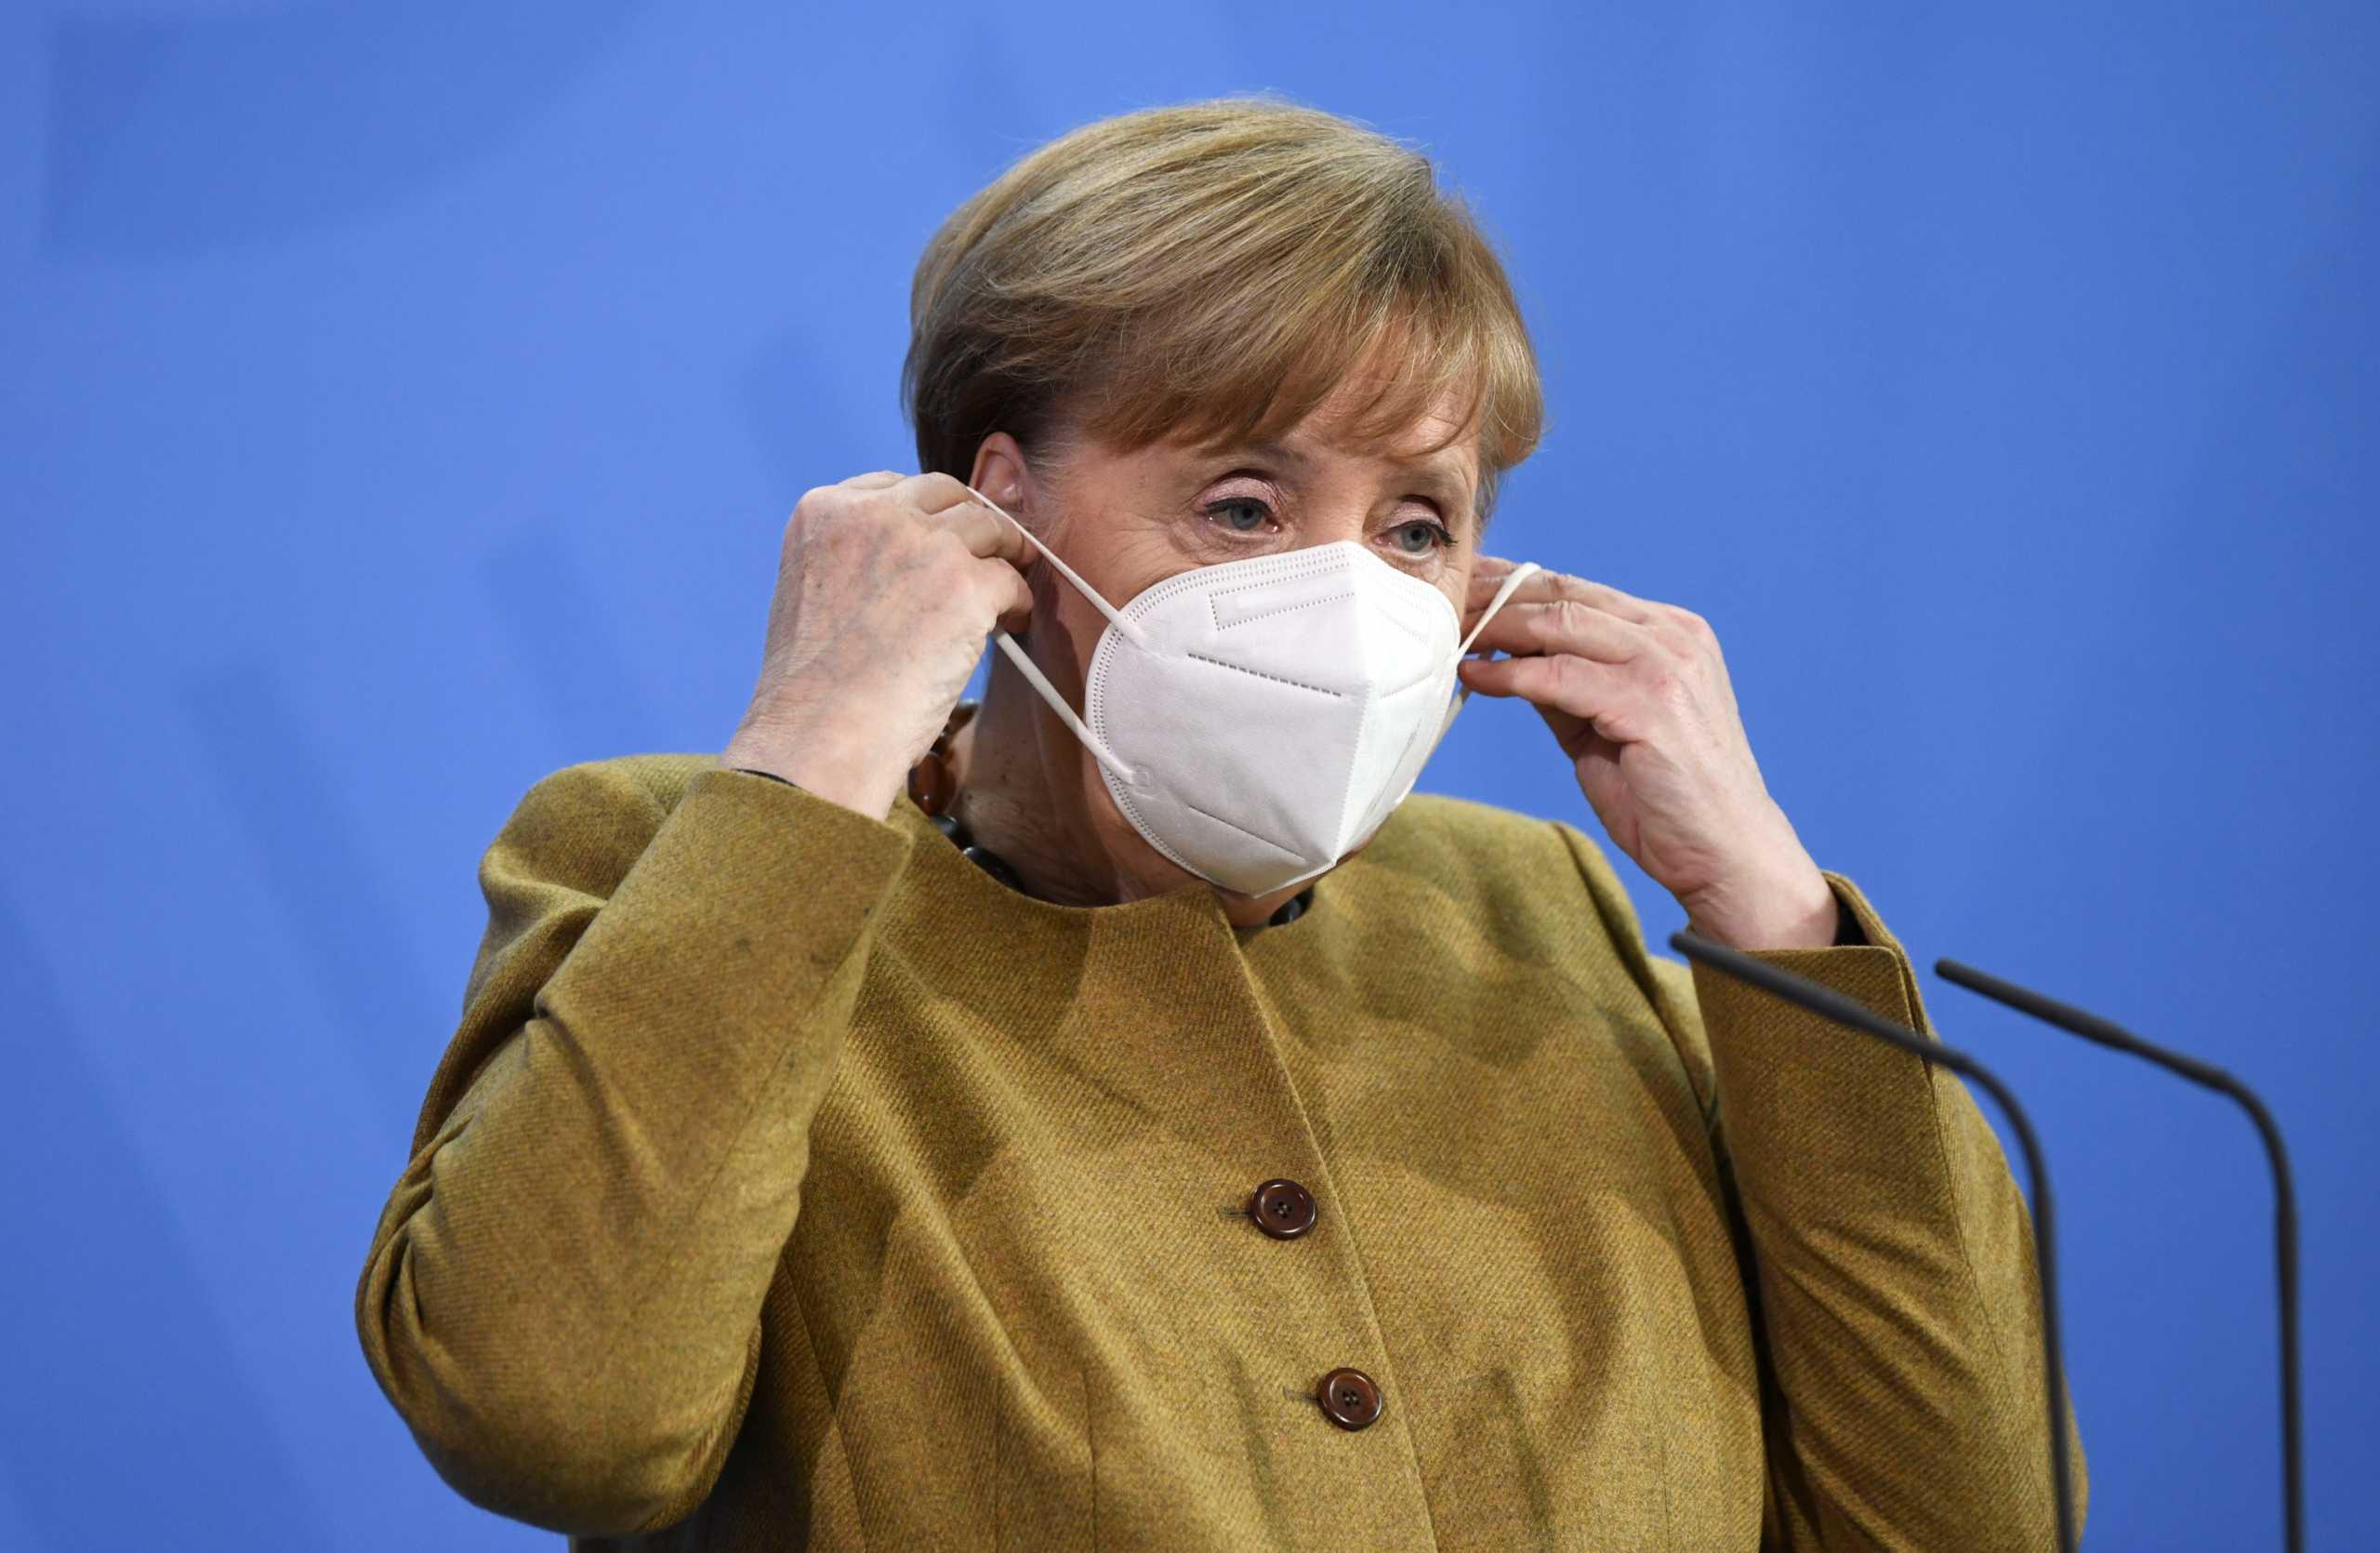 Η Μέρκελ υπέρ της δημιουργίας πιστοποιητικού εμβολιασμού στην ΕΕ